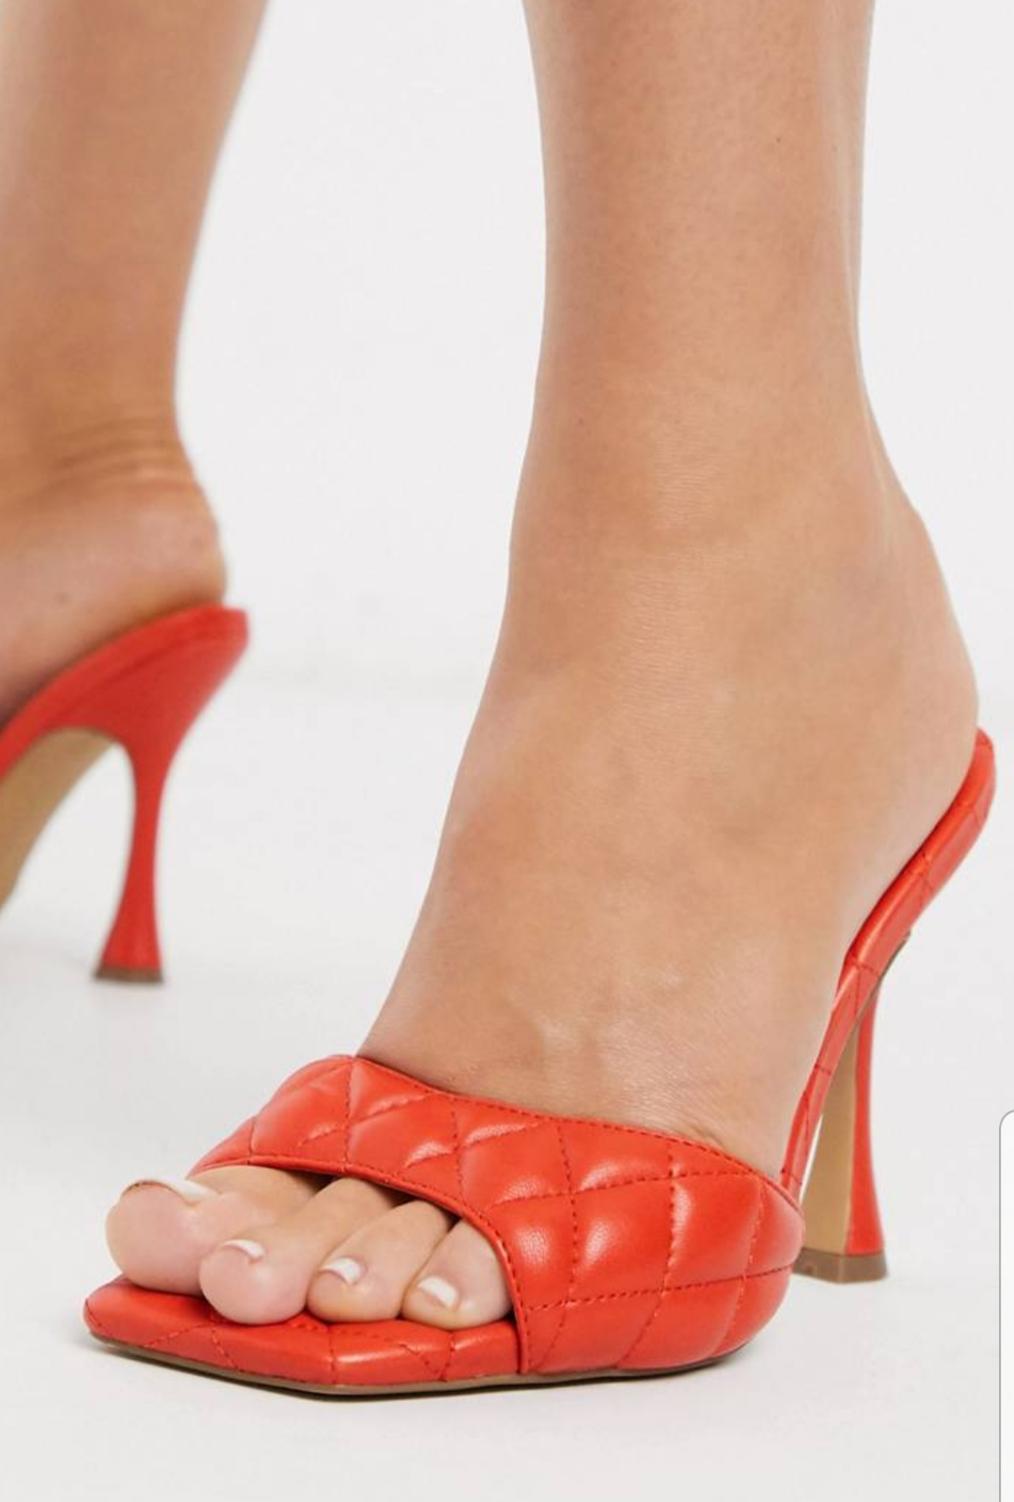 Ovo su hit sandale za ljeto 2020.